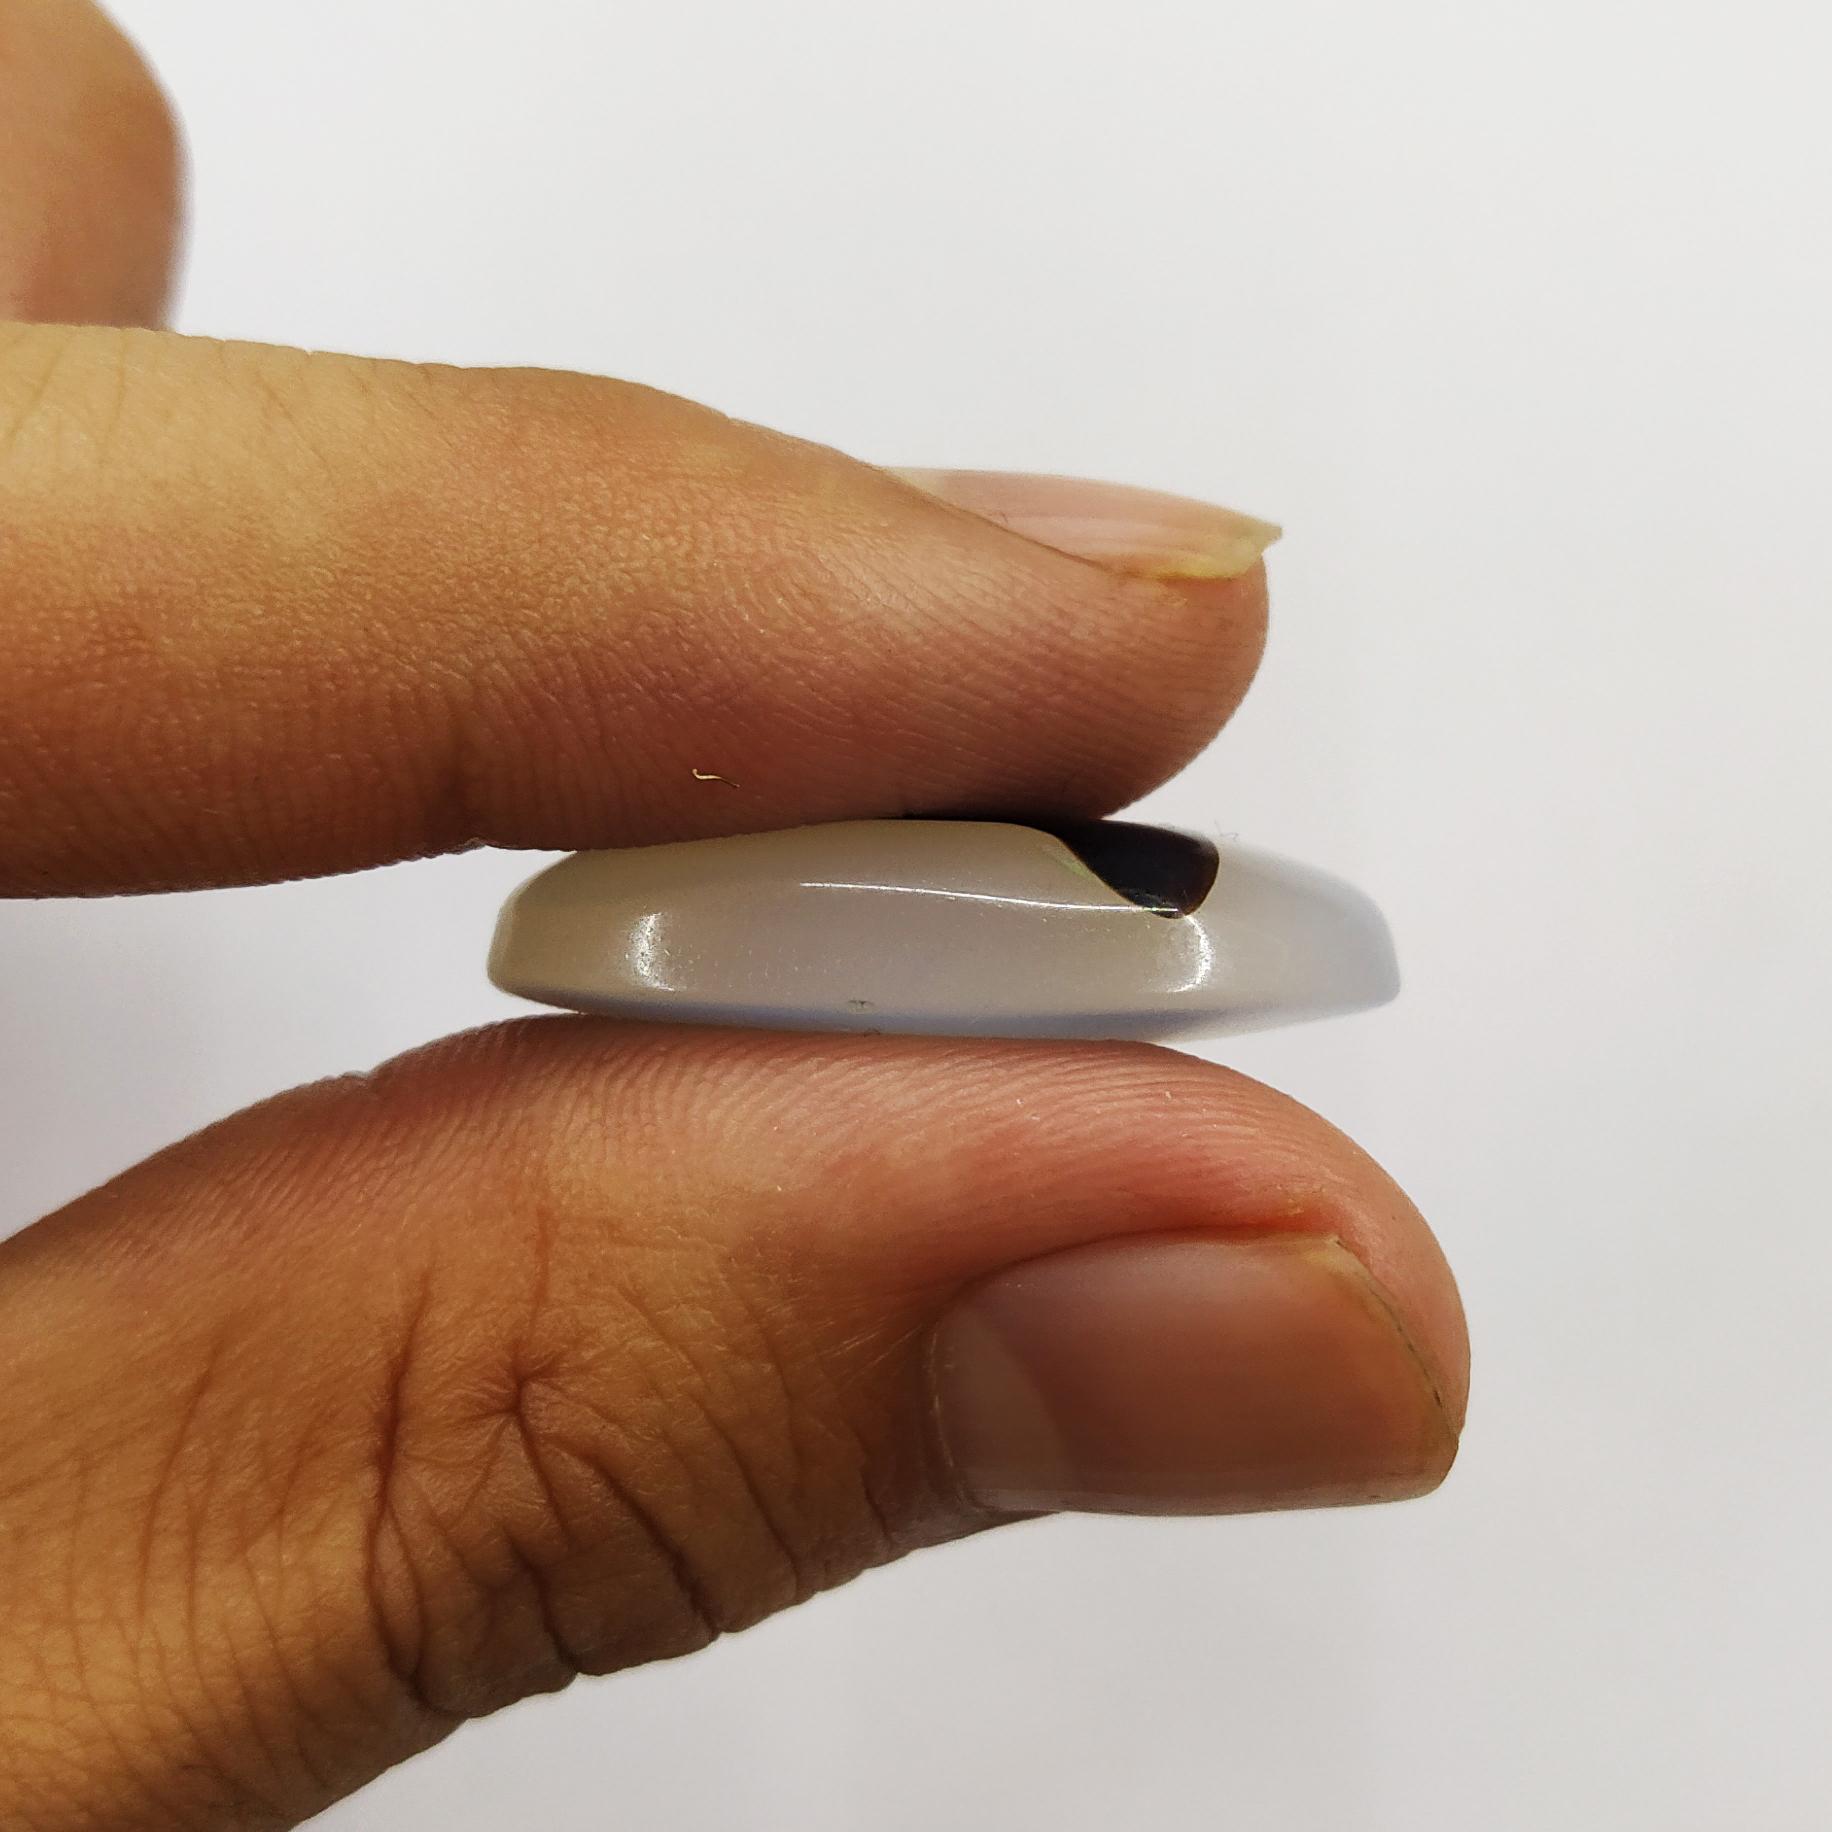 سنگ عقیق شجر سلین کالا مدل ce-145